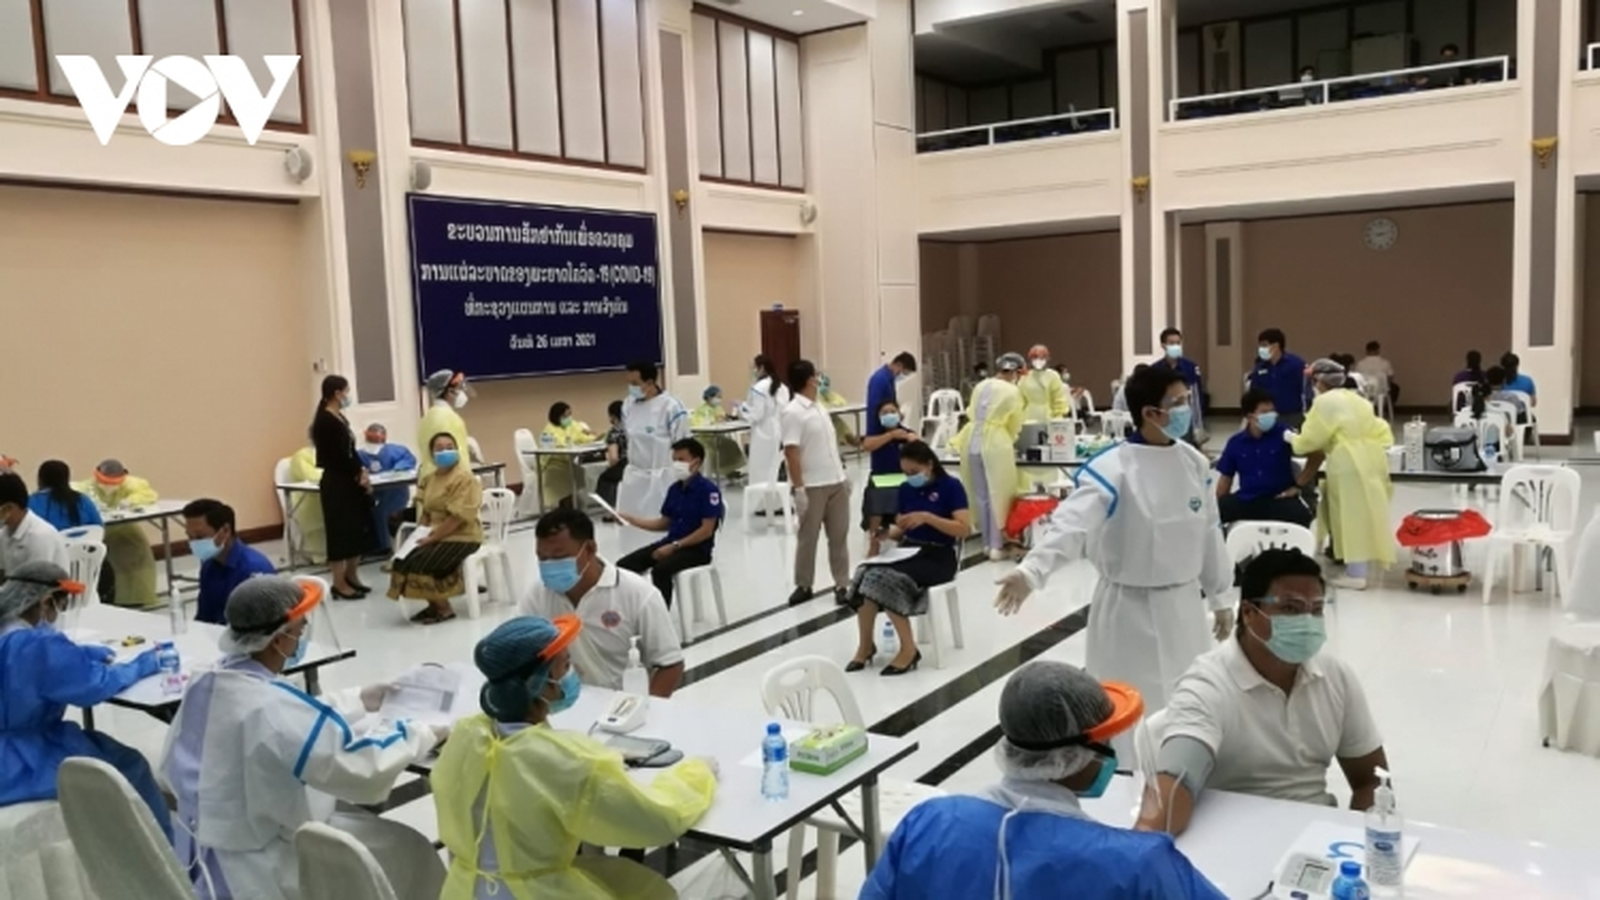 Lào sẽ tiêm vaccine ngừa Covid-19 cho nhóm đối tượng từ 12 – 17 tuổi vào năm 2022